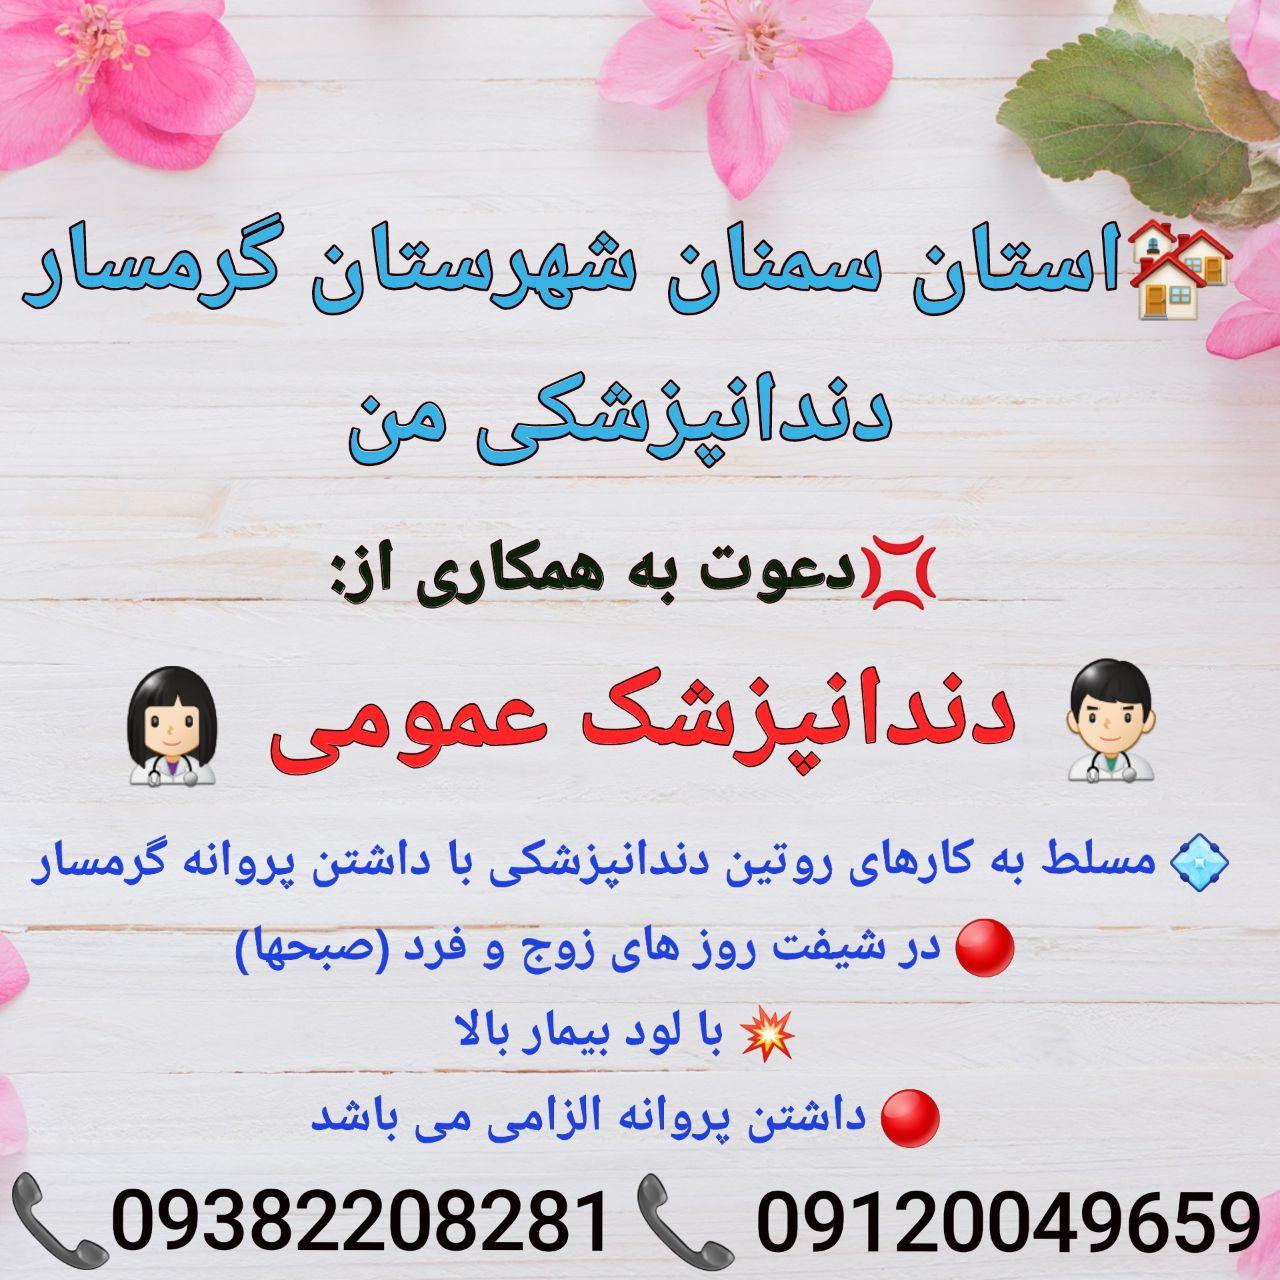 سمنان: شهرستان گرمسار، دندانپزشکی من، نیاز به دندانپزشک عمومی